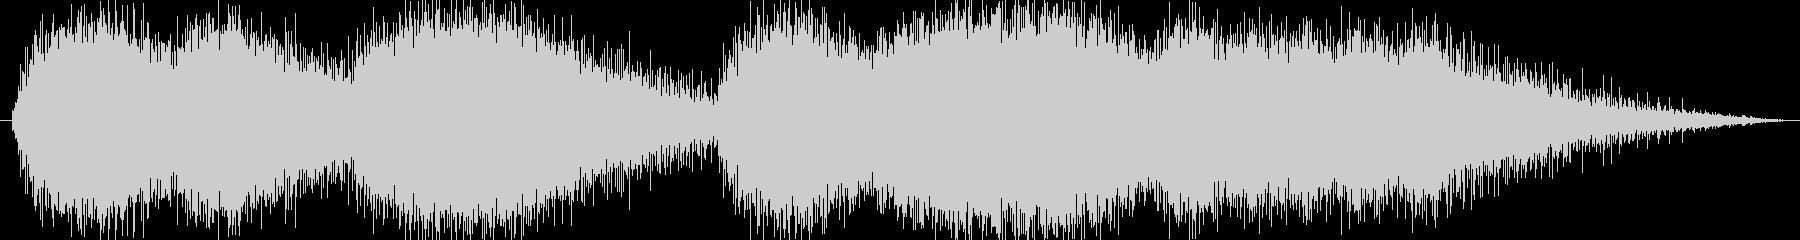 機械 ジグソーエンジンシーケンス01の未再生の波形